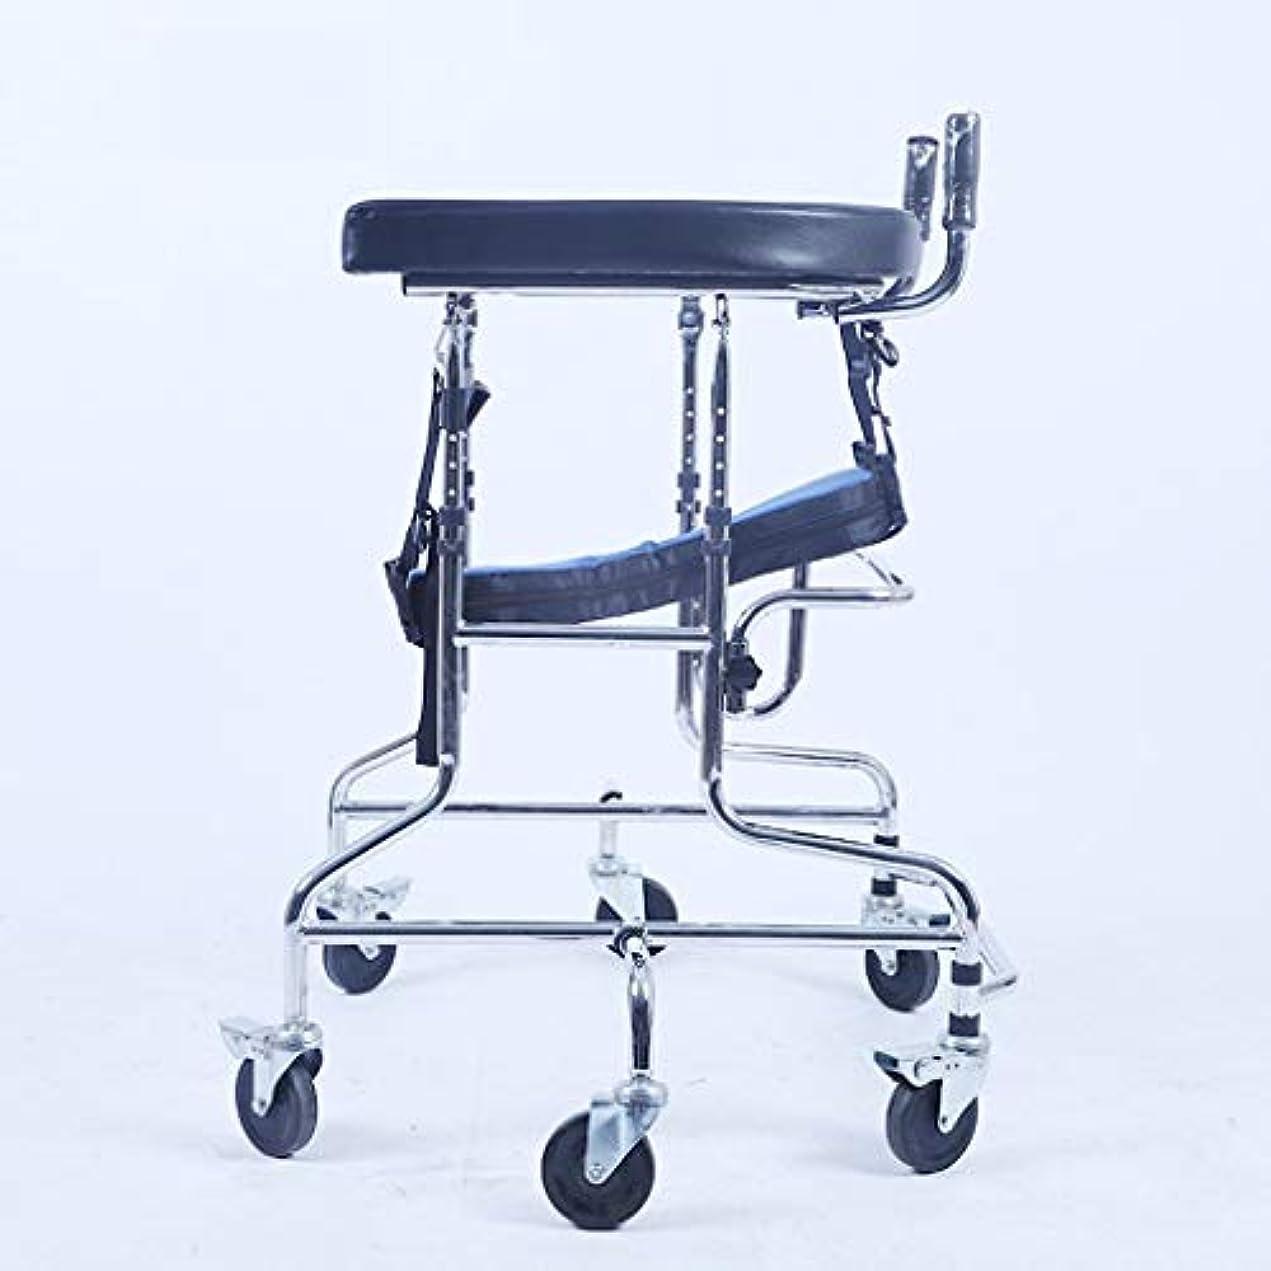 賢いくつろぐ考える子供下肢トレーニング?リハビリ機器/リハビリ機器/スタンディングウォークスタンド/ウォークエイド/ウォーカー/スタンドホイール付きシートホイール(サイズ:C)